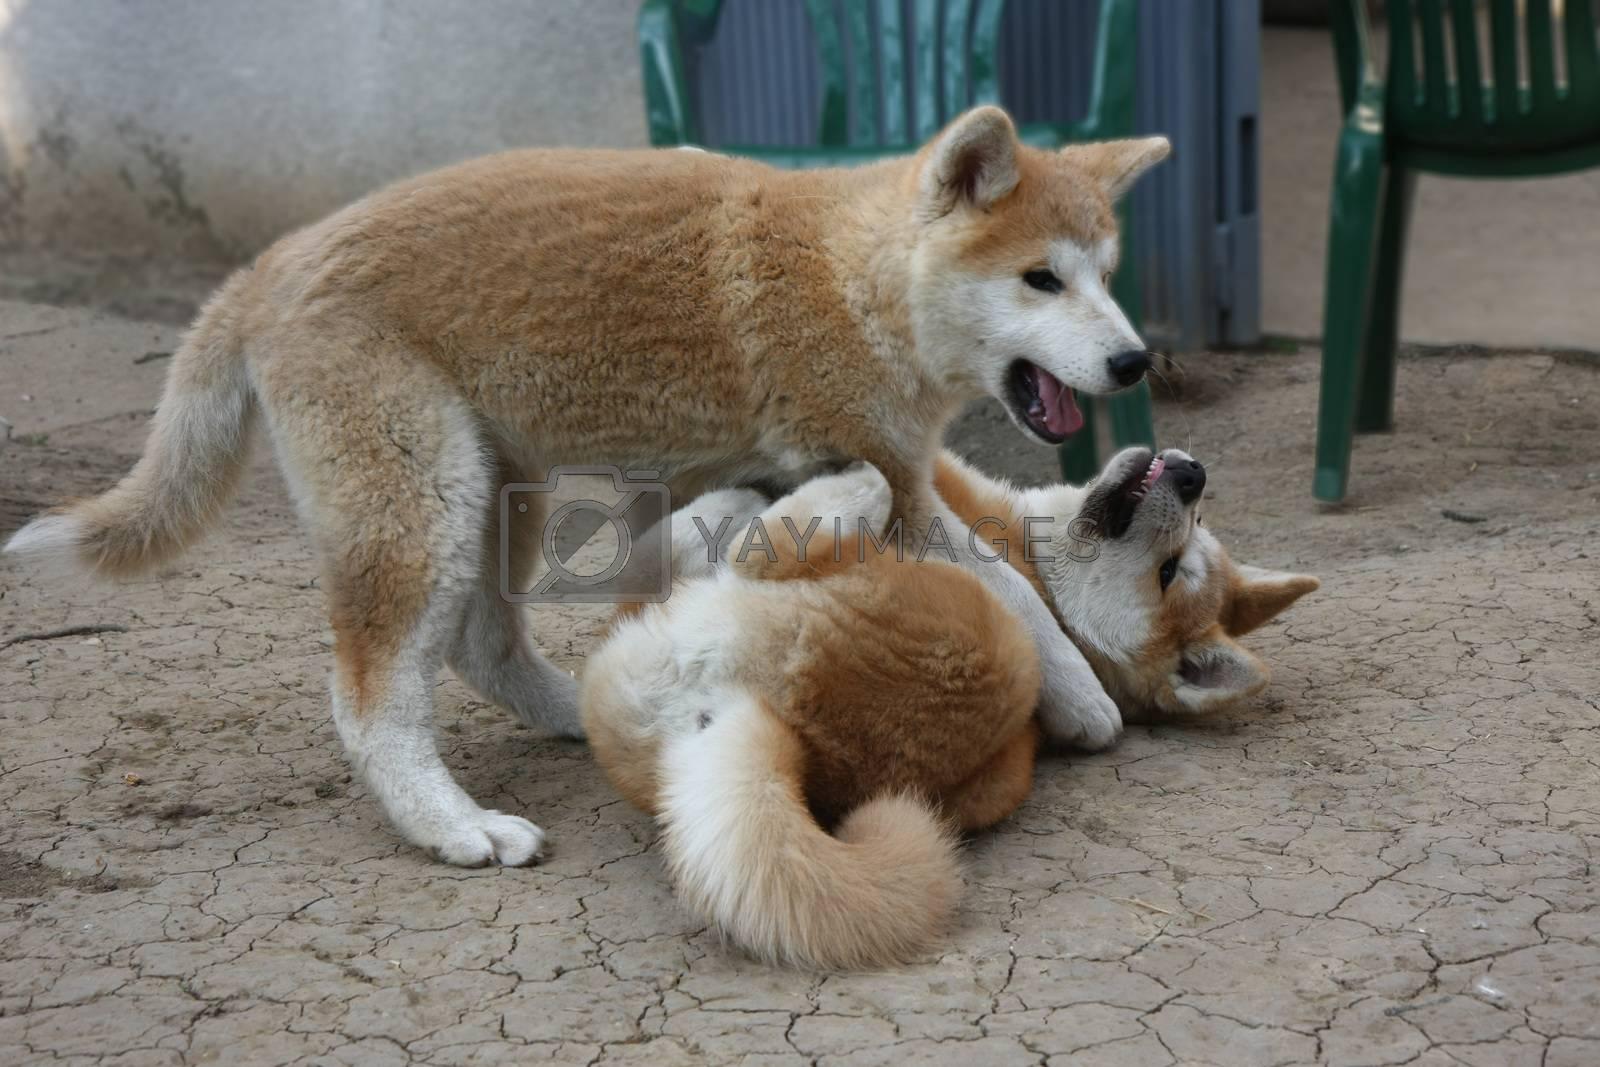 Cute Akita Inu puppies playing in the yard